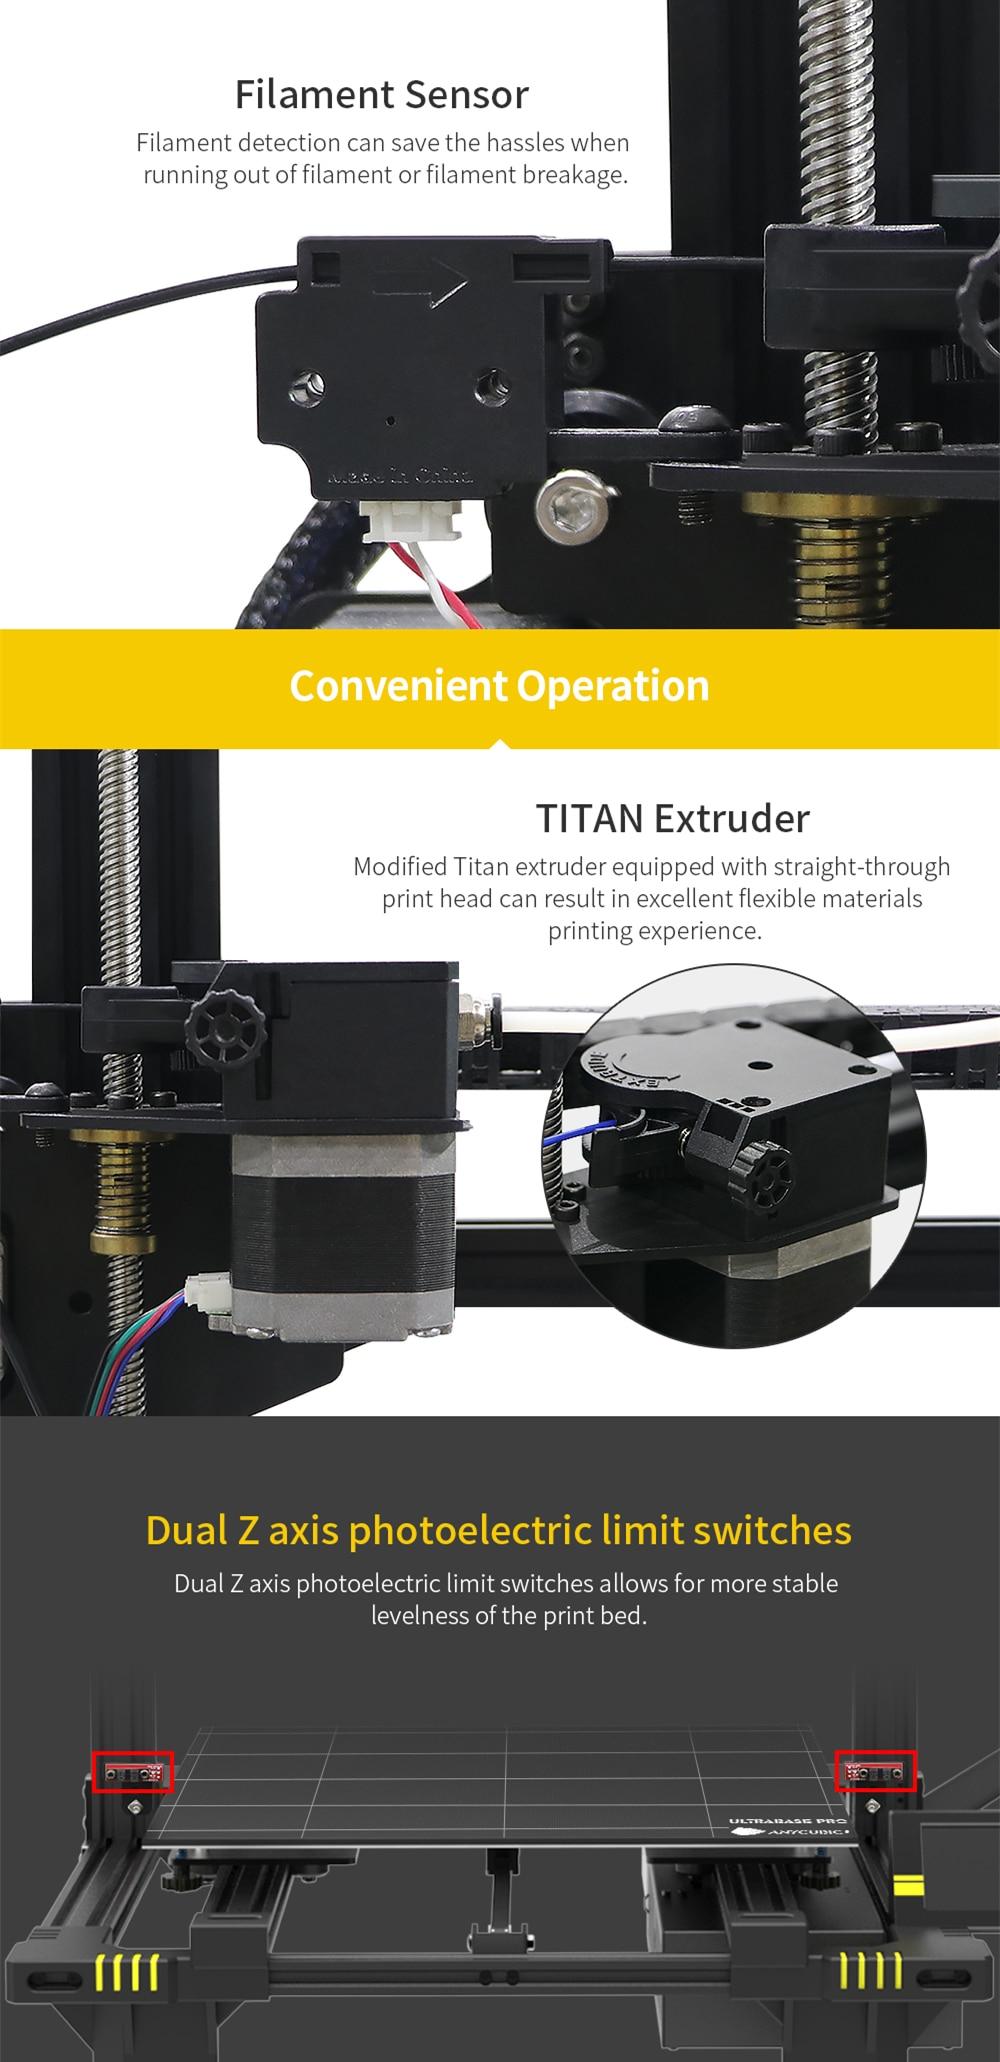 Anycubic Chiron 3d Drucker Plus Größe Ultrabase Titan Extruder Tft Touchscreen Riesige Bauen Volumen 3d Drucker Kit Impresora 3d Computer & Büro